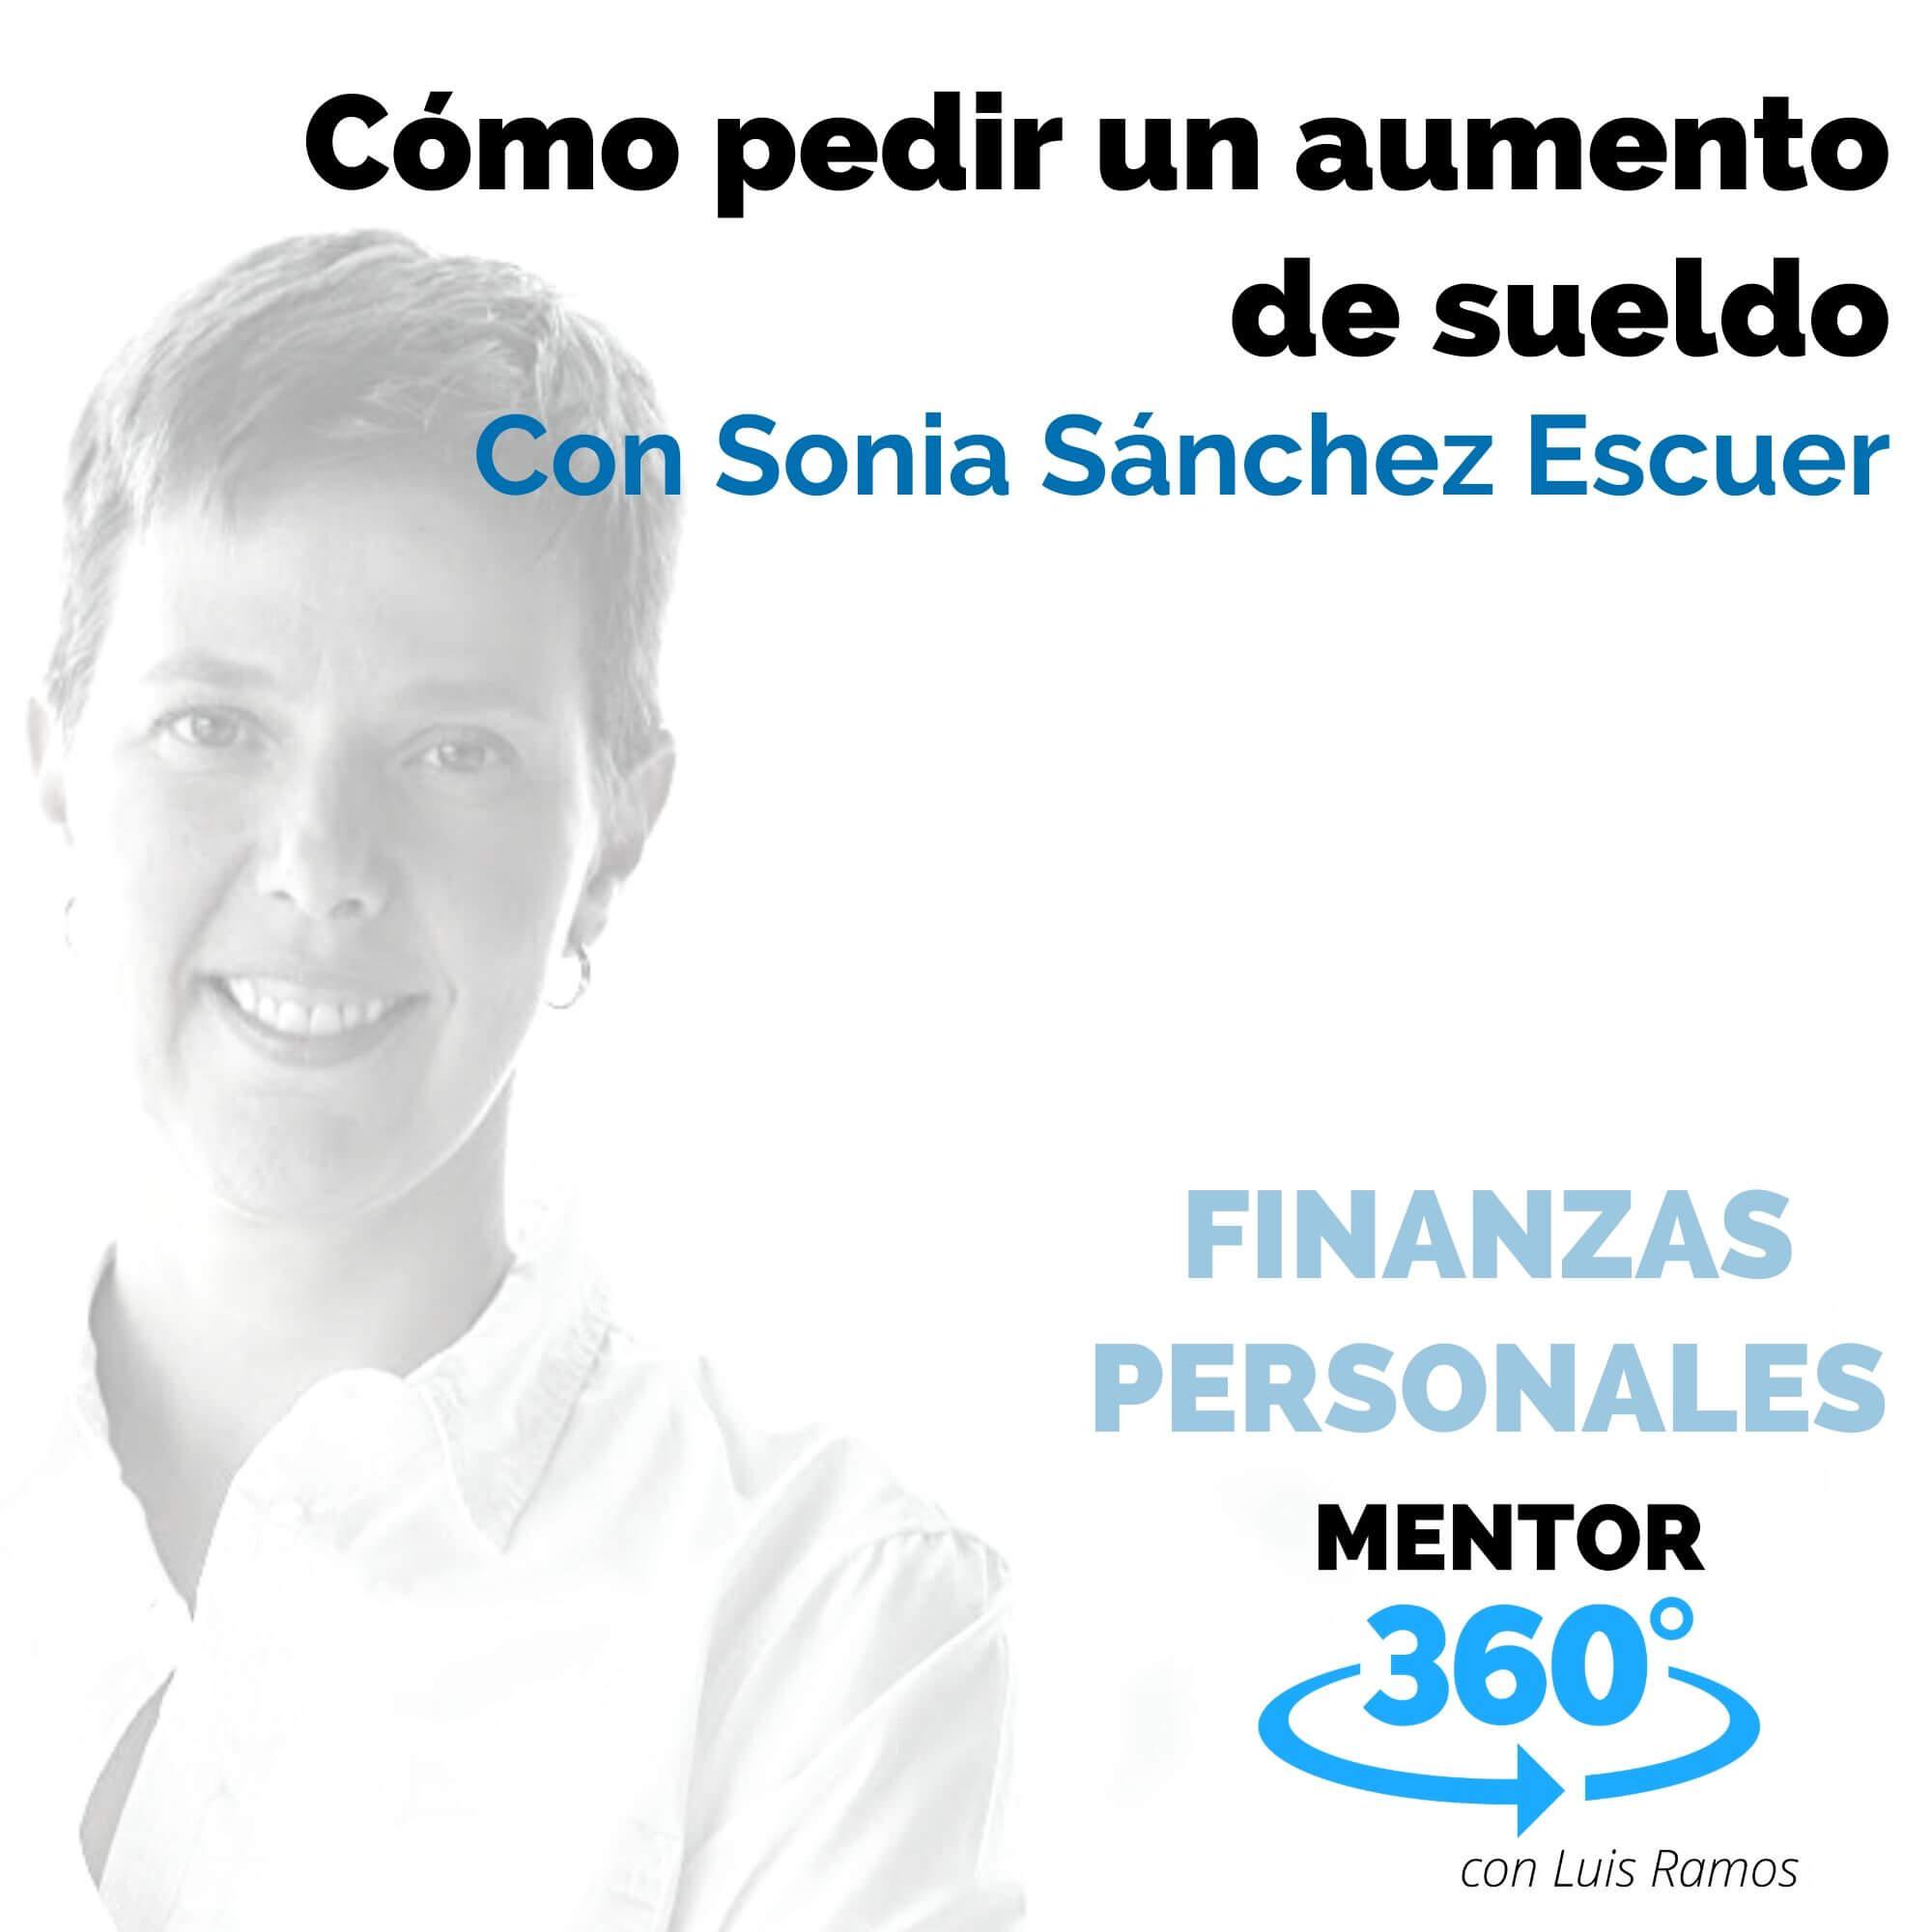 Cómo pedir un aumento de sueldo, con Sonia Sánchez Escuer - FINANZAS PERSONALES